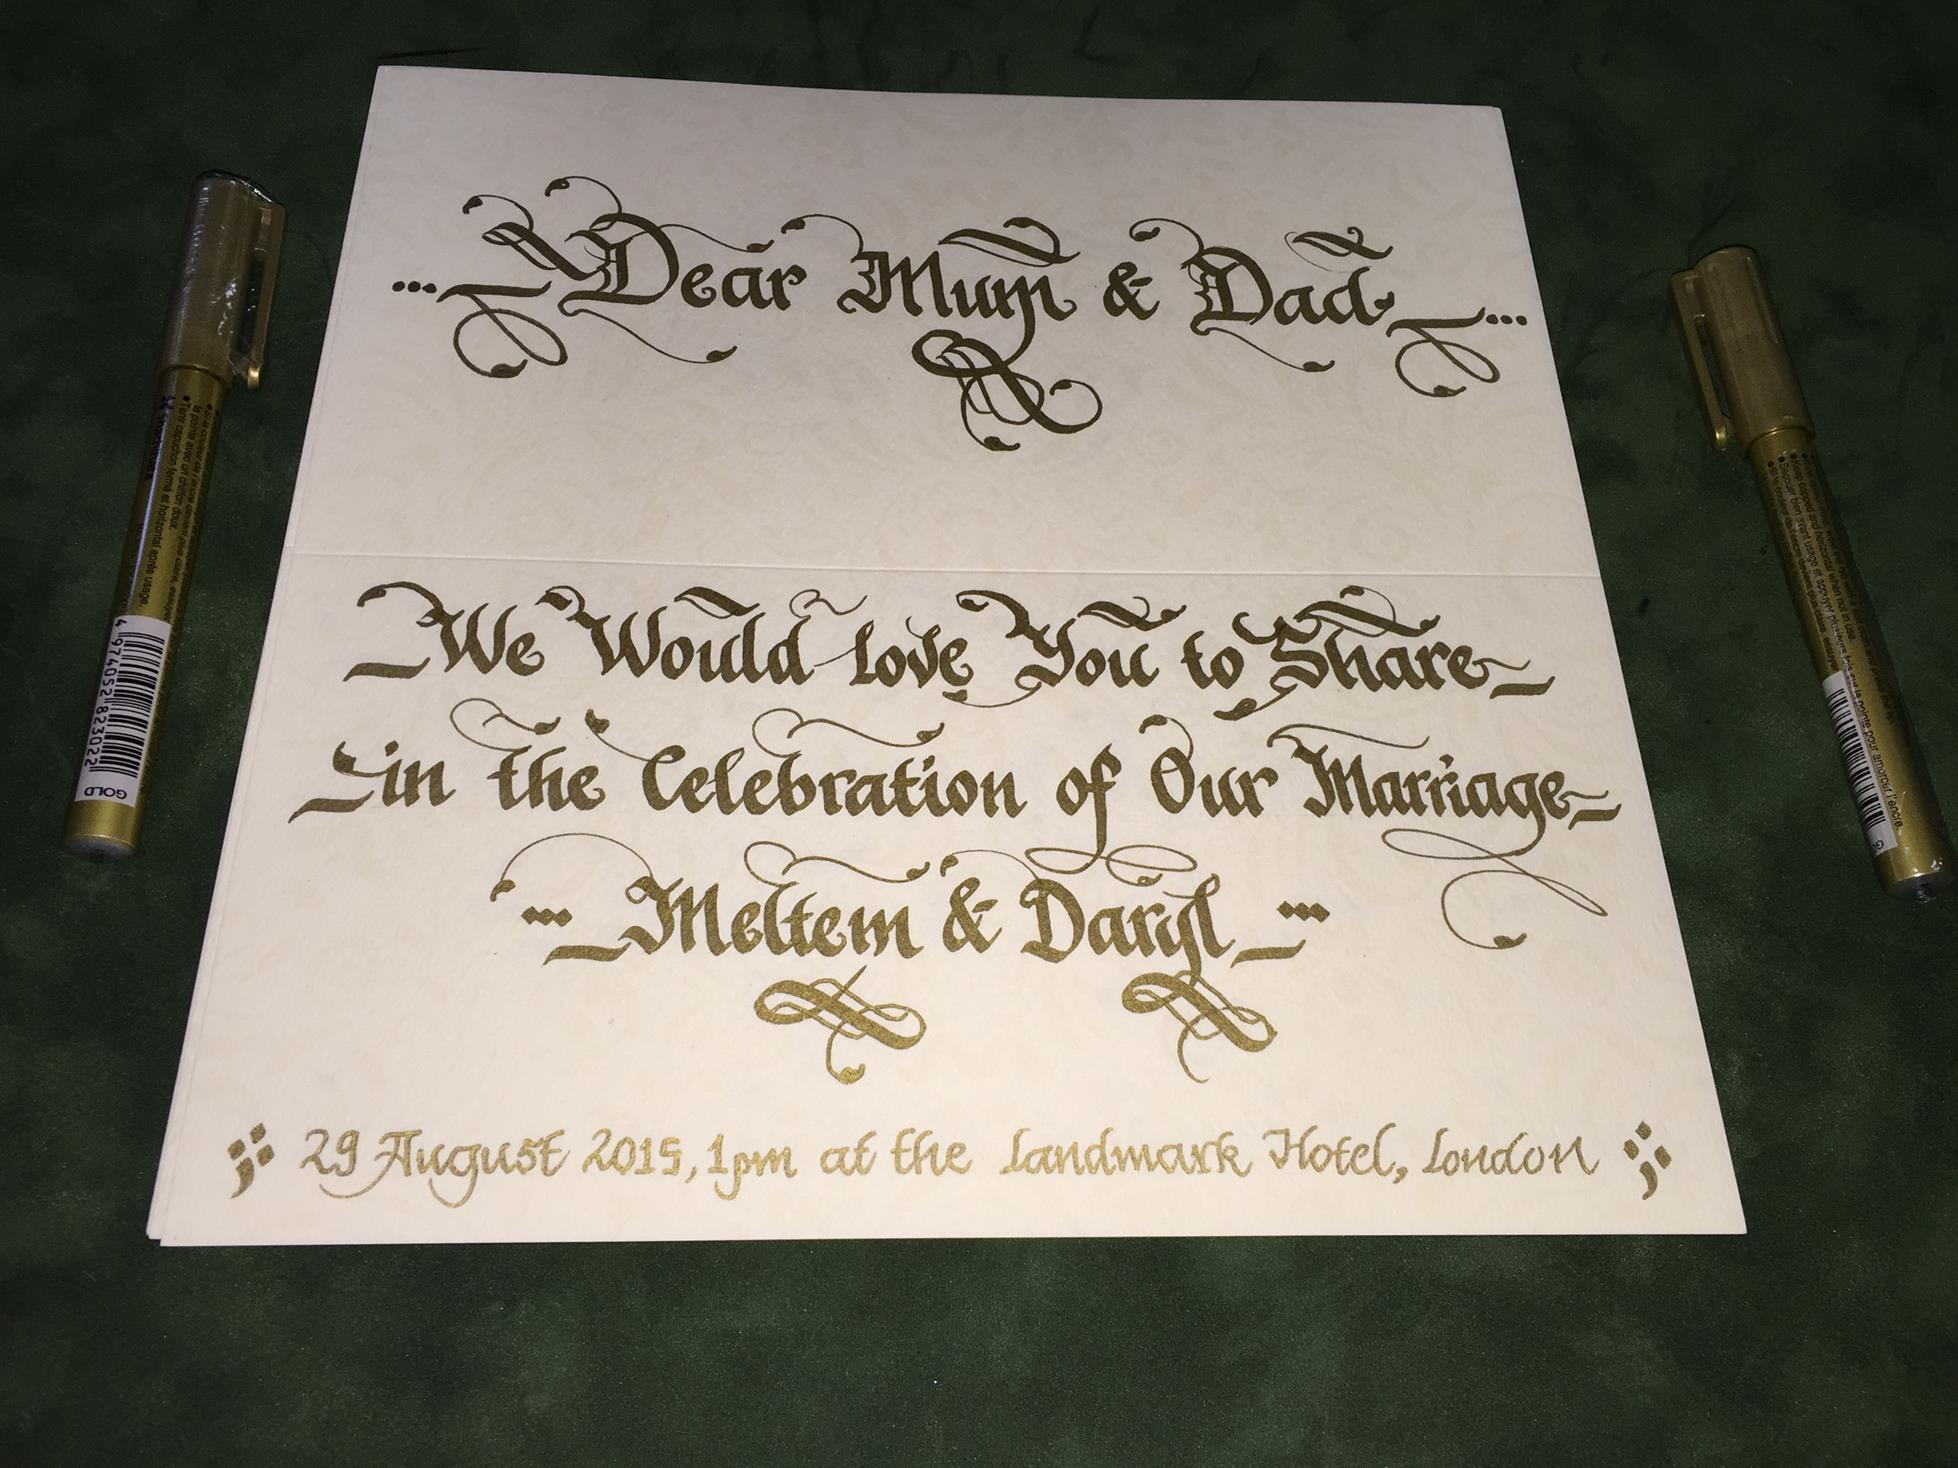 davetiye üzeri ingilizce yazı